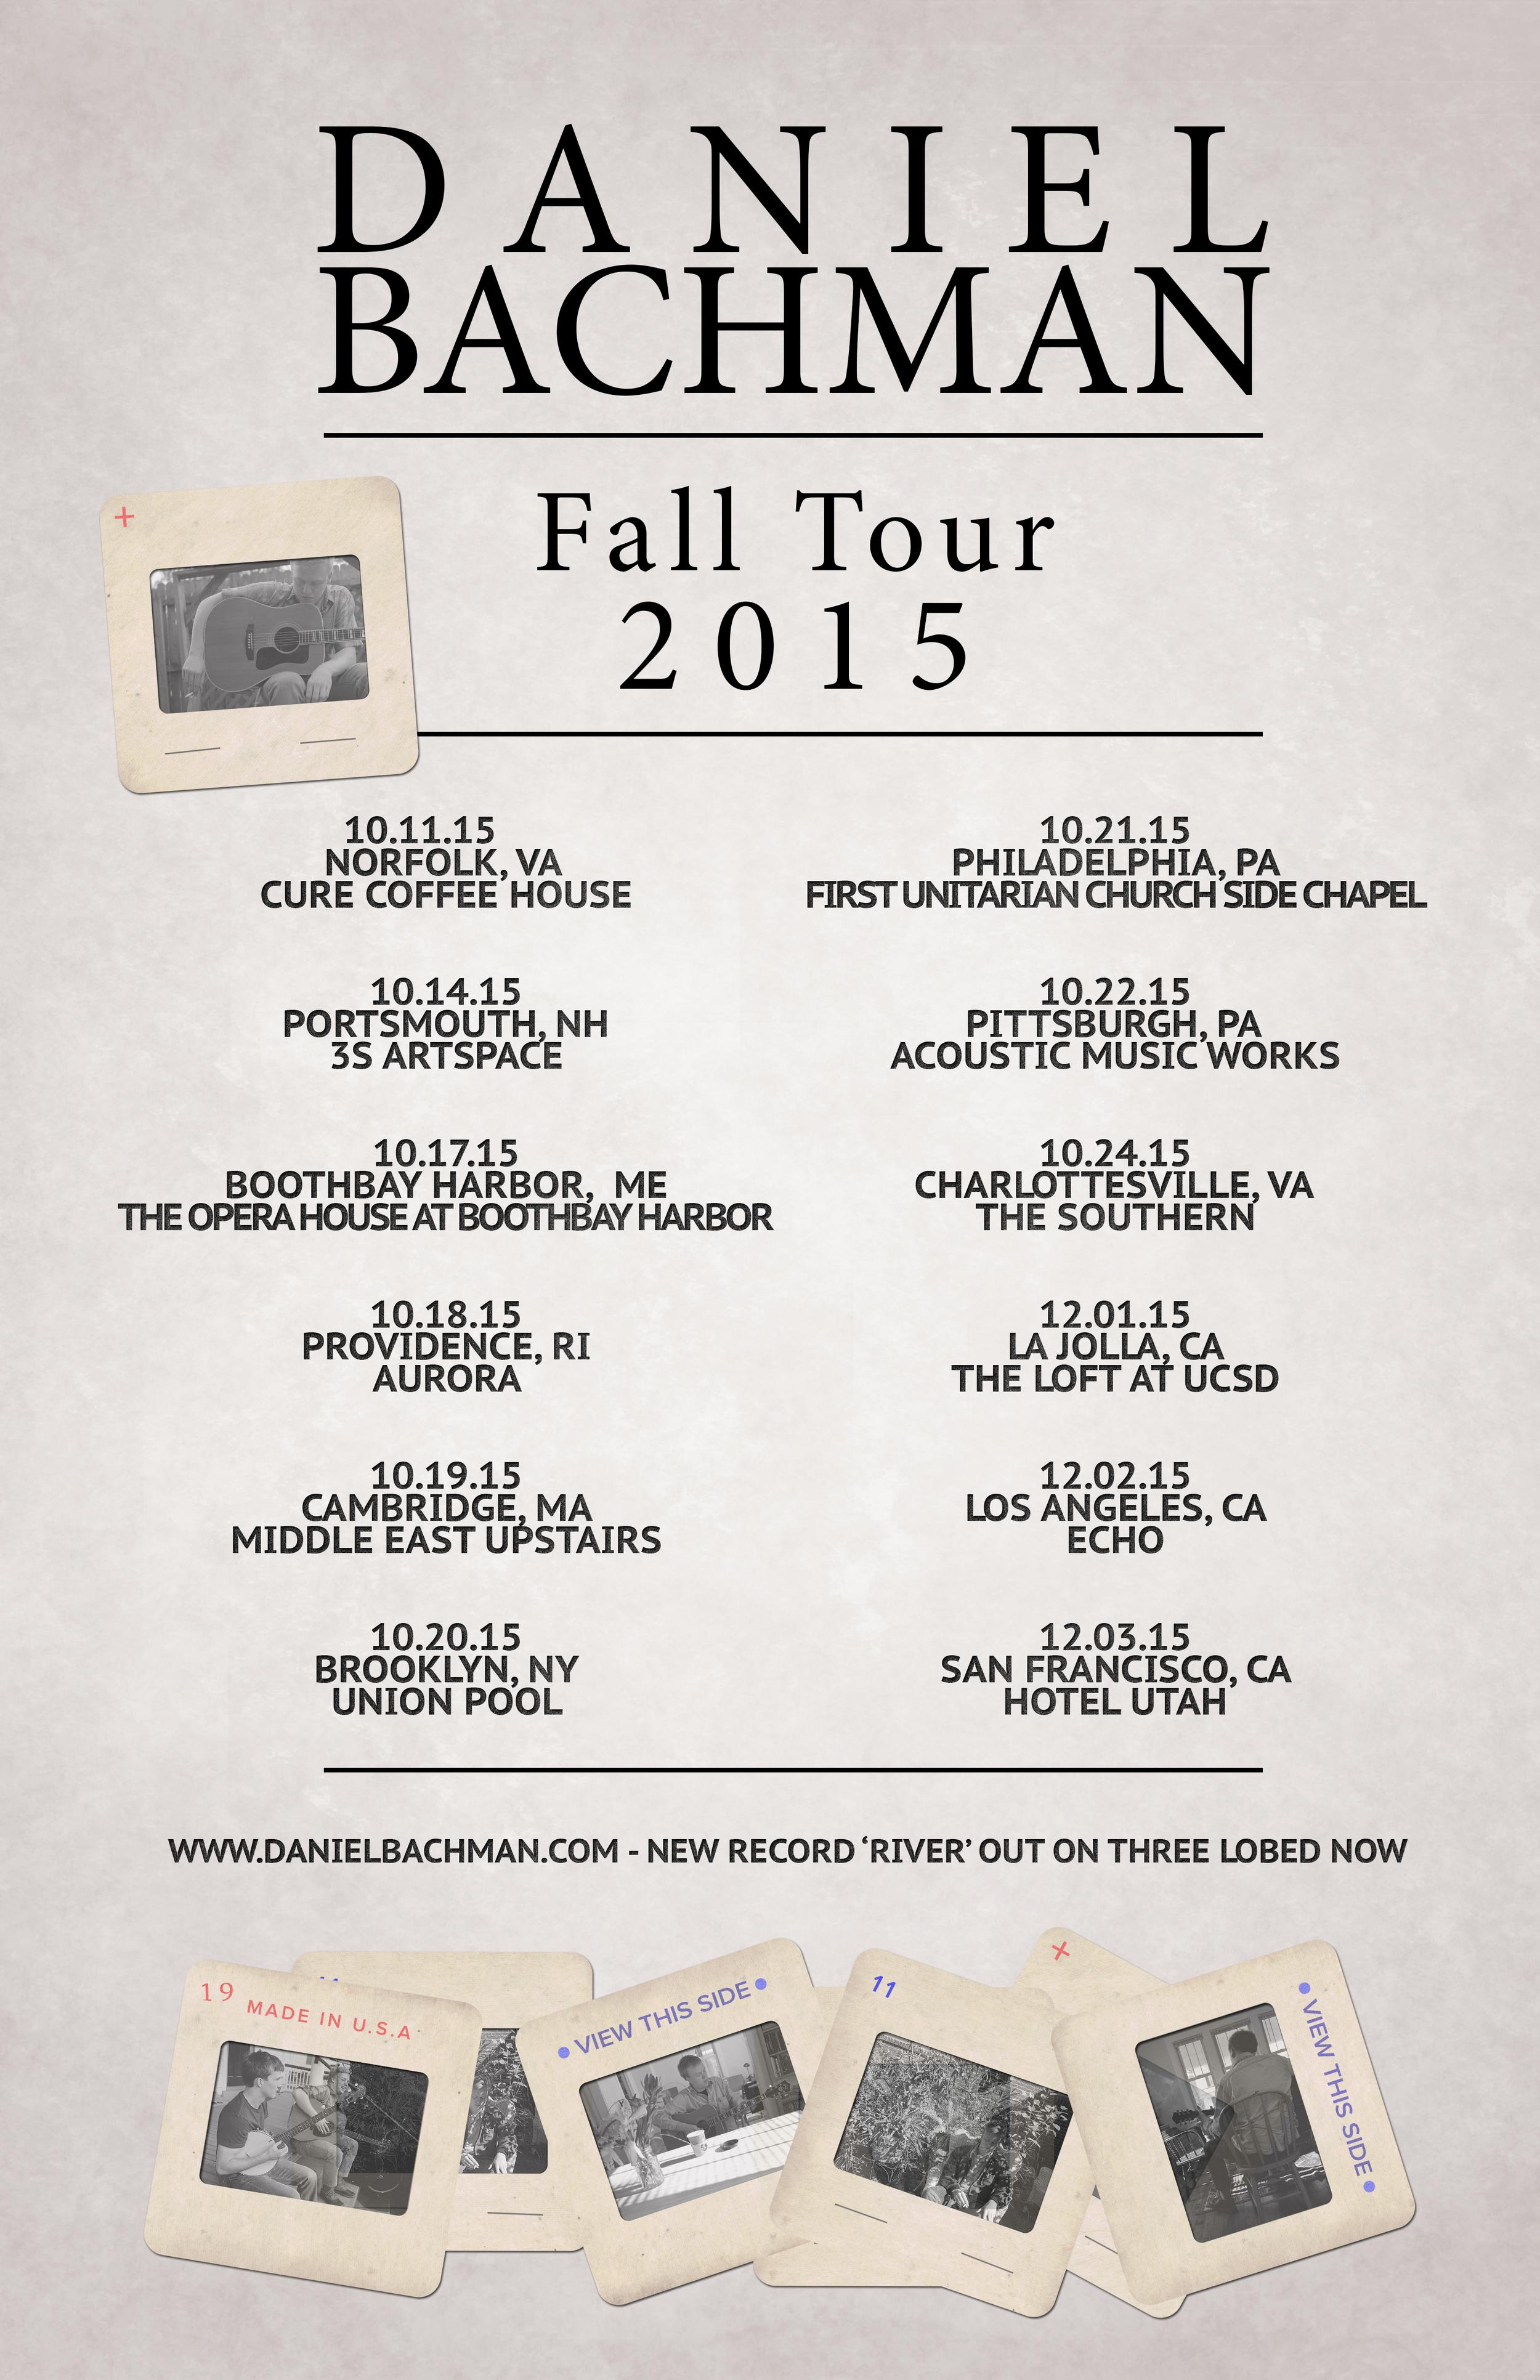 Daniel Bachman Tour Poster